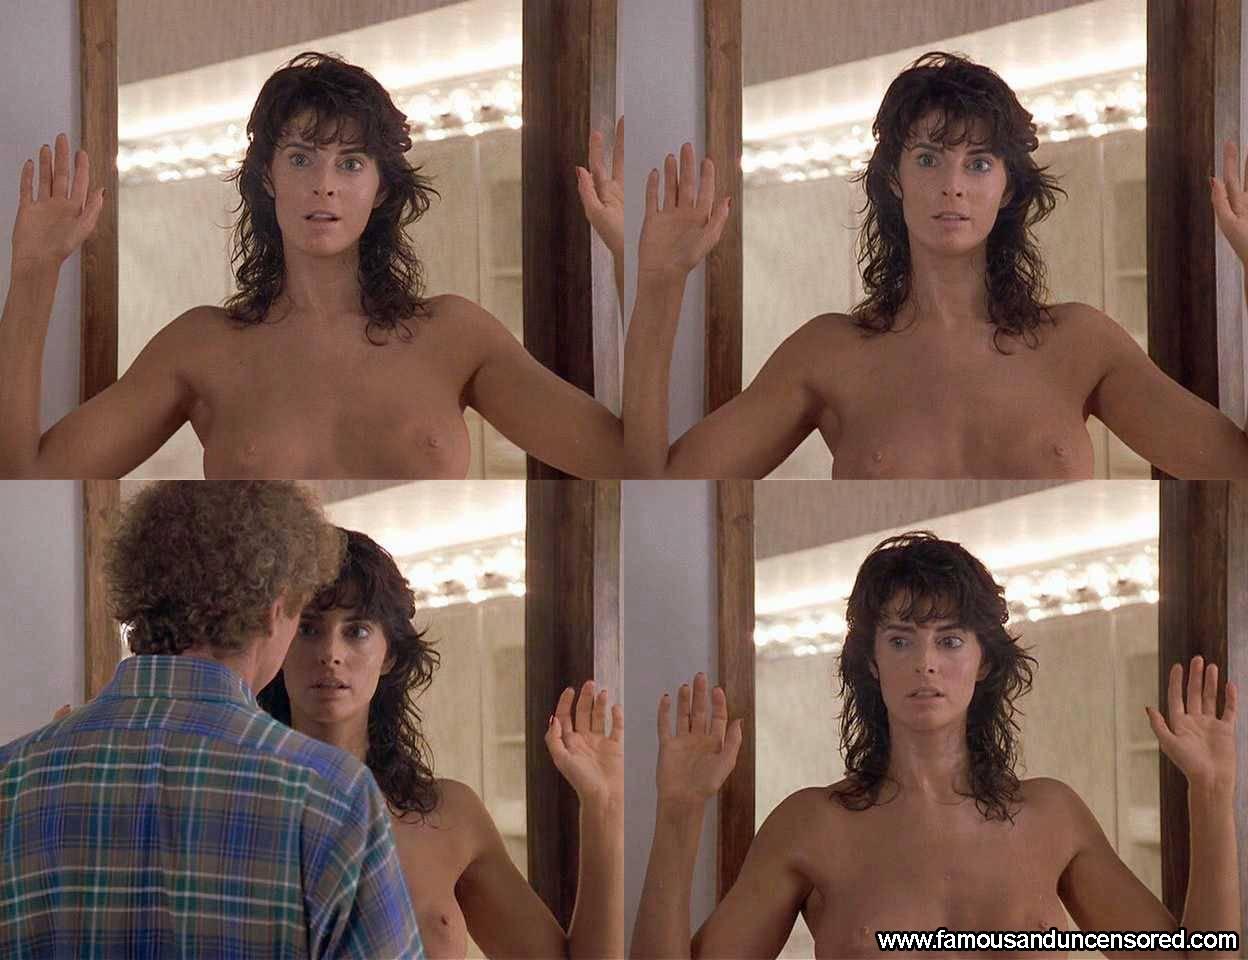 Joan Severance Sex Movies download sex pics joan severance see no evil hear no evil